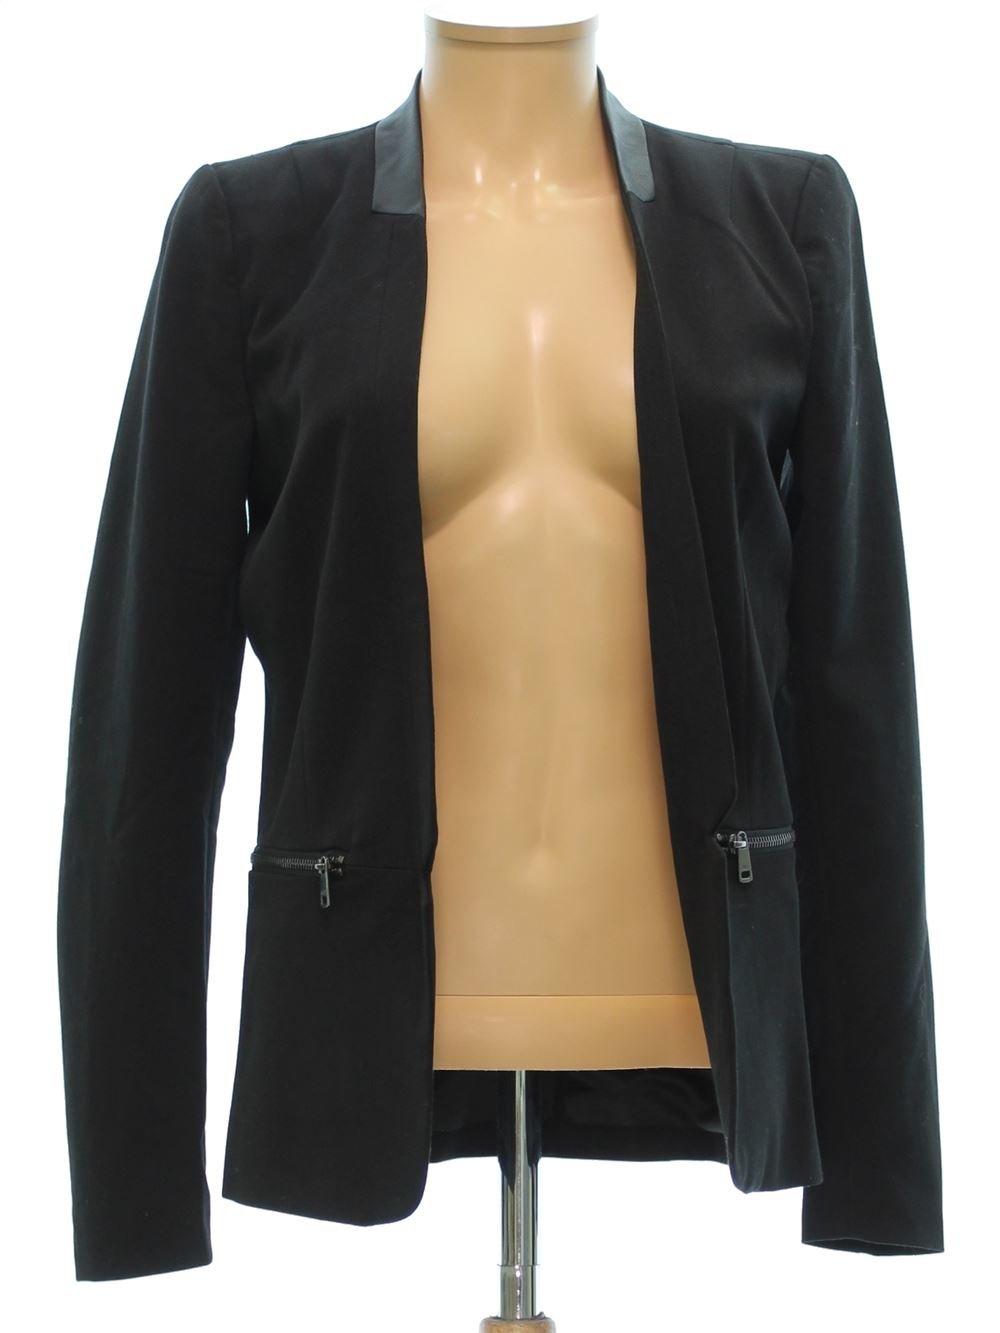 Veste tailleur femme only